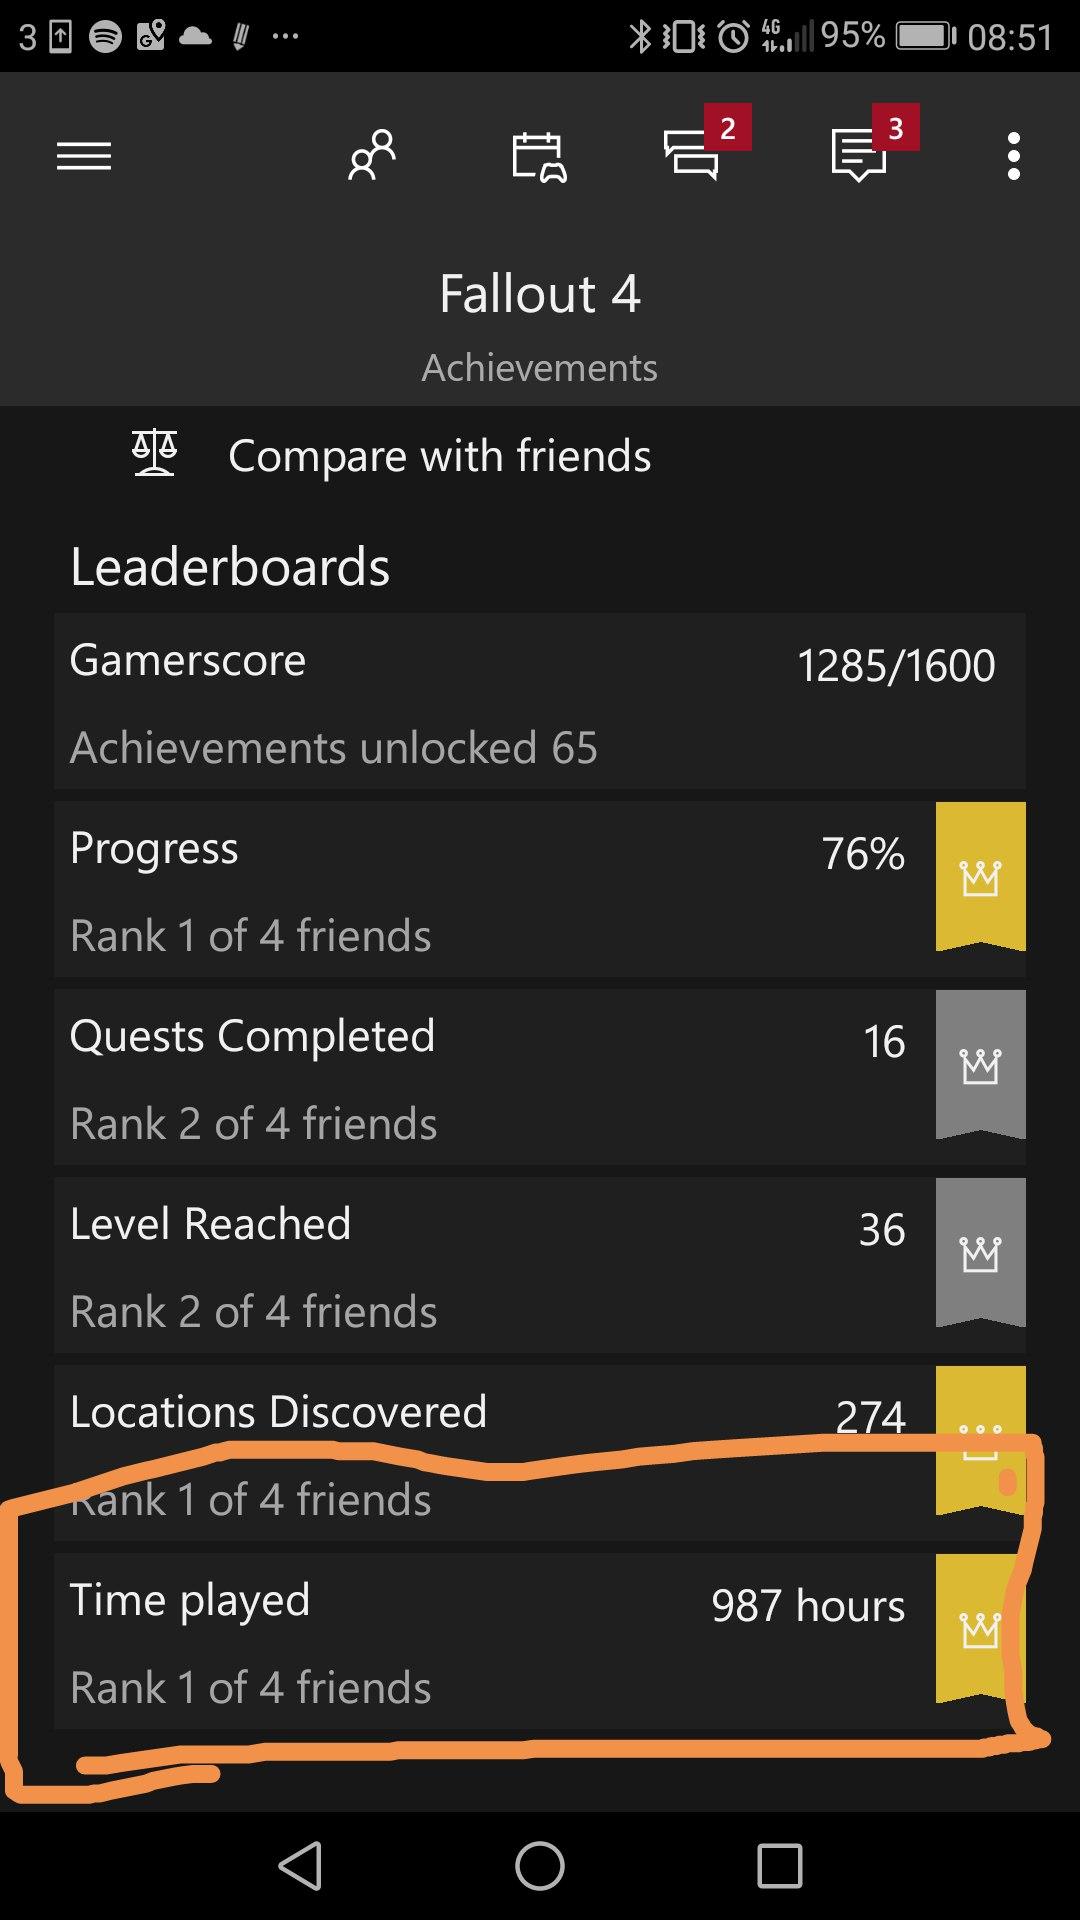 А сколько вы потратили времени на Fallout4 ?